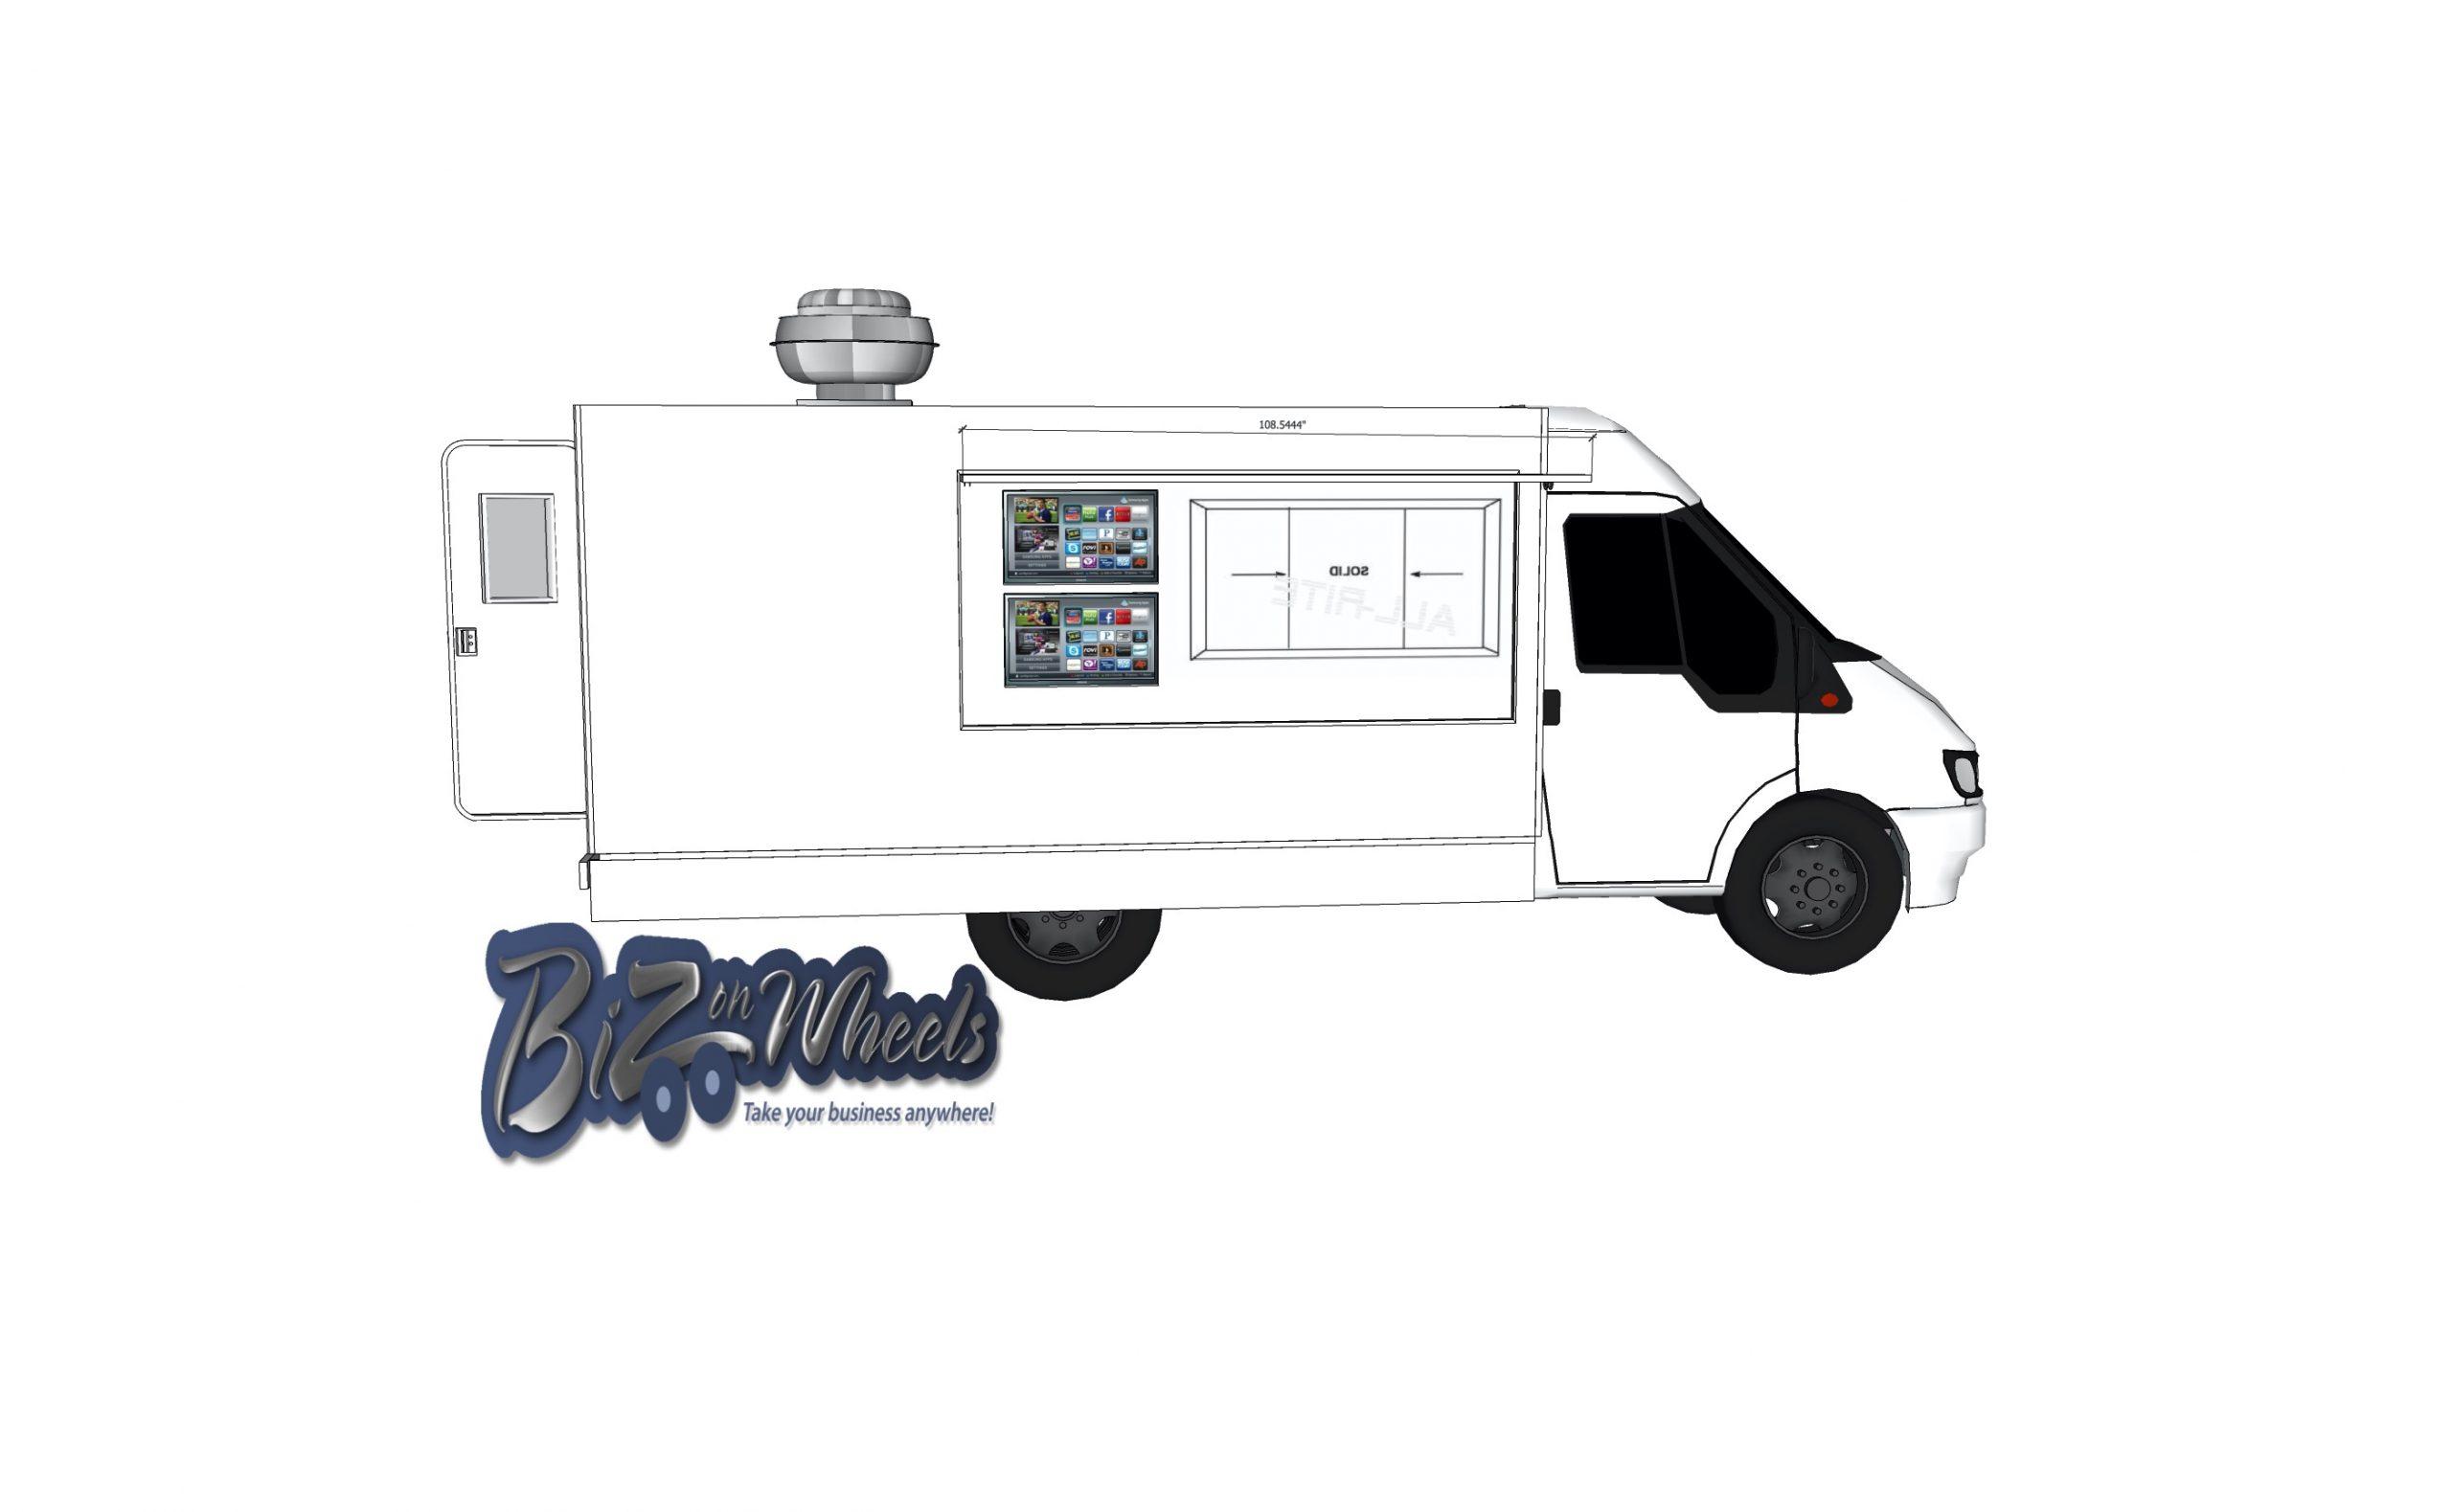 NEW 2020 Cutaway Food Van